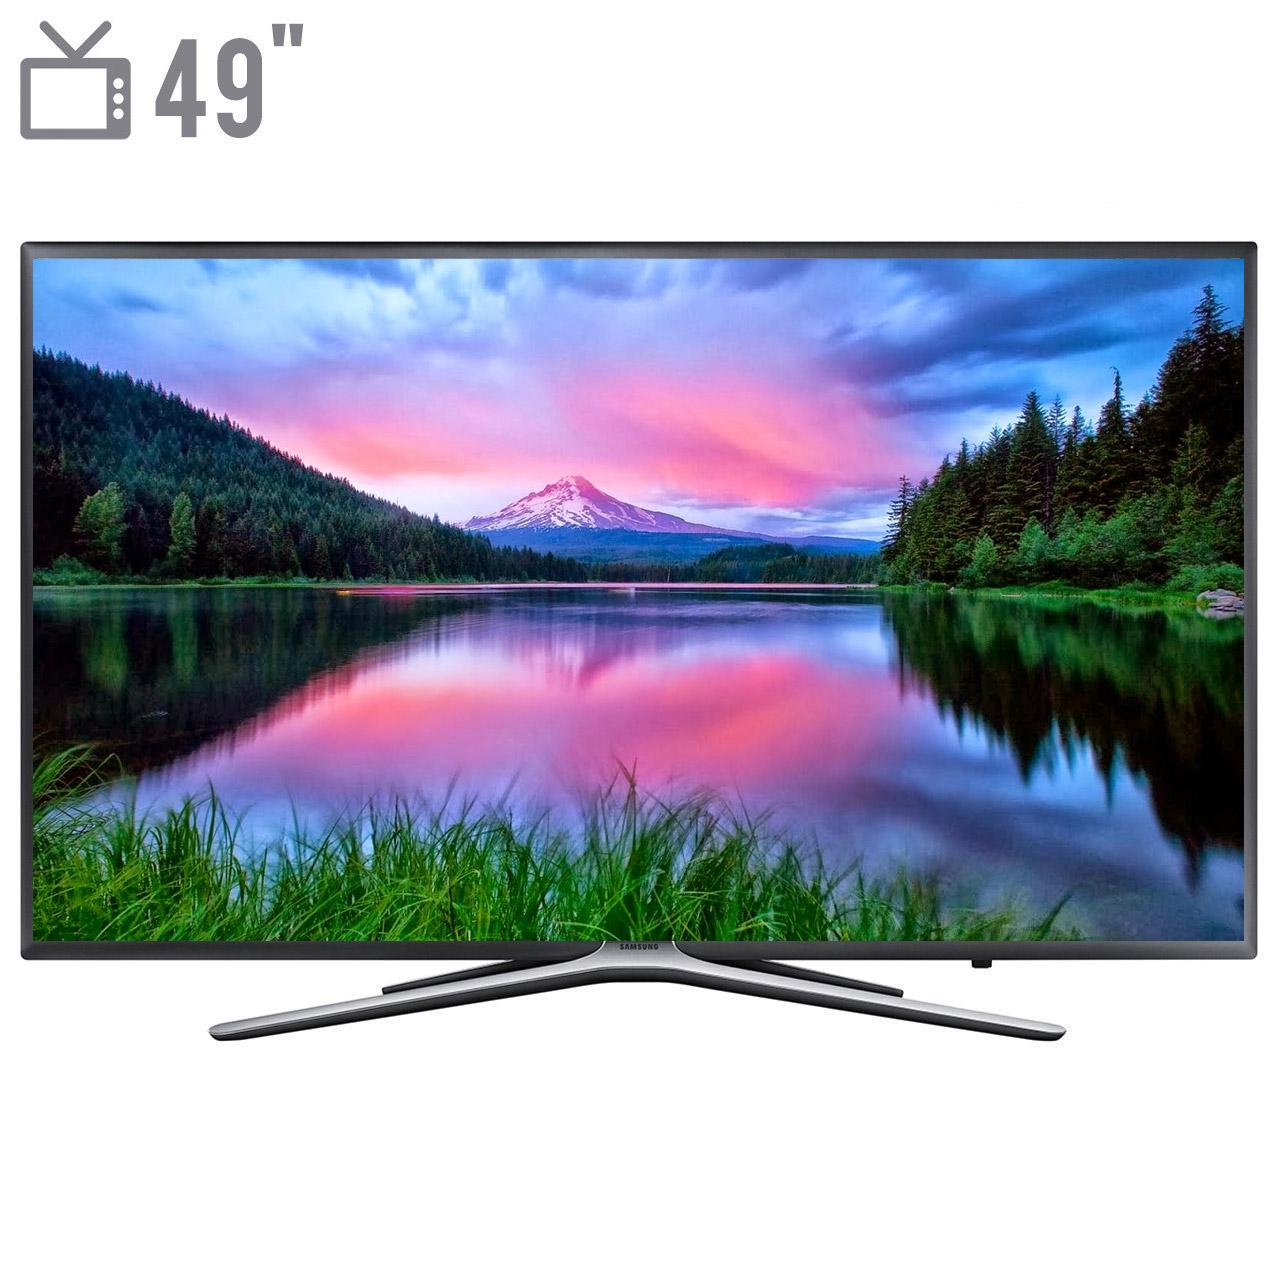 تلویزیون ال ای دی هوشمند سامسونگ مدل 49N6900 سایز 49 اینچ